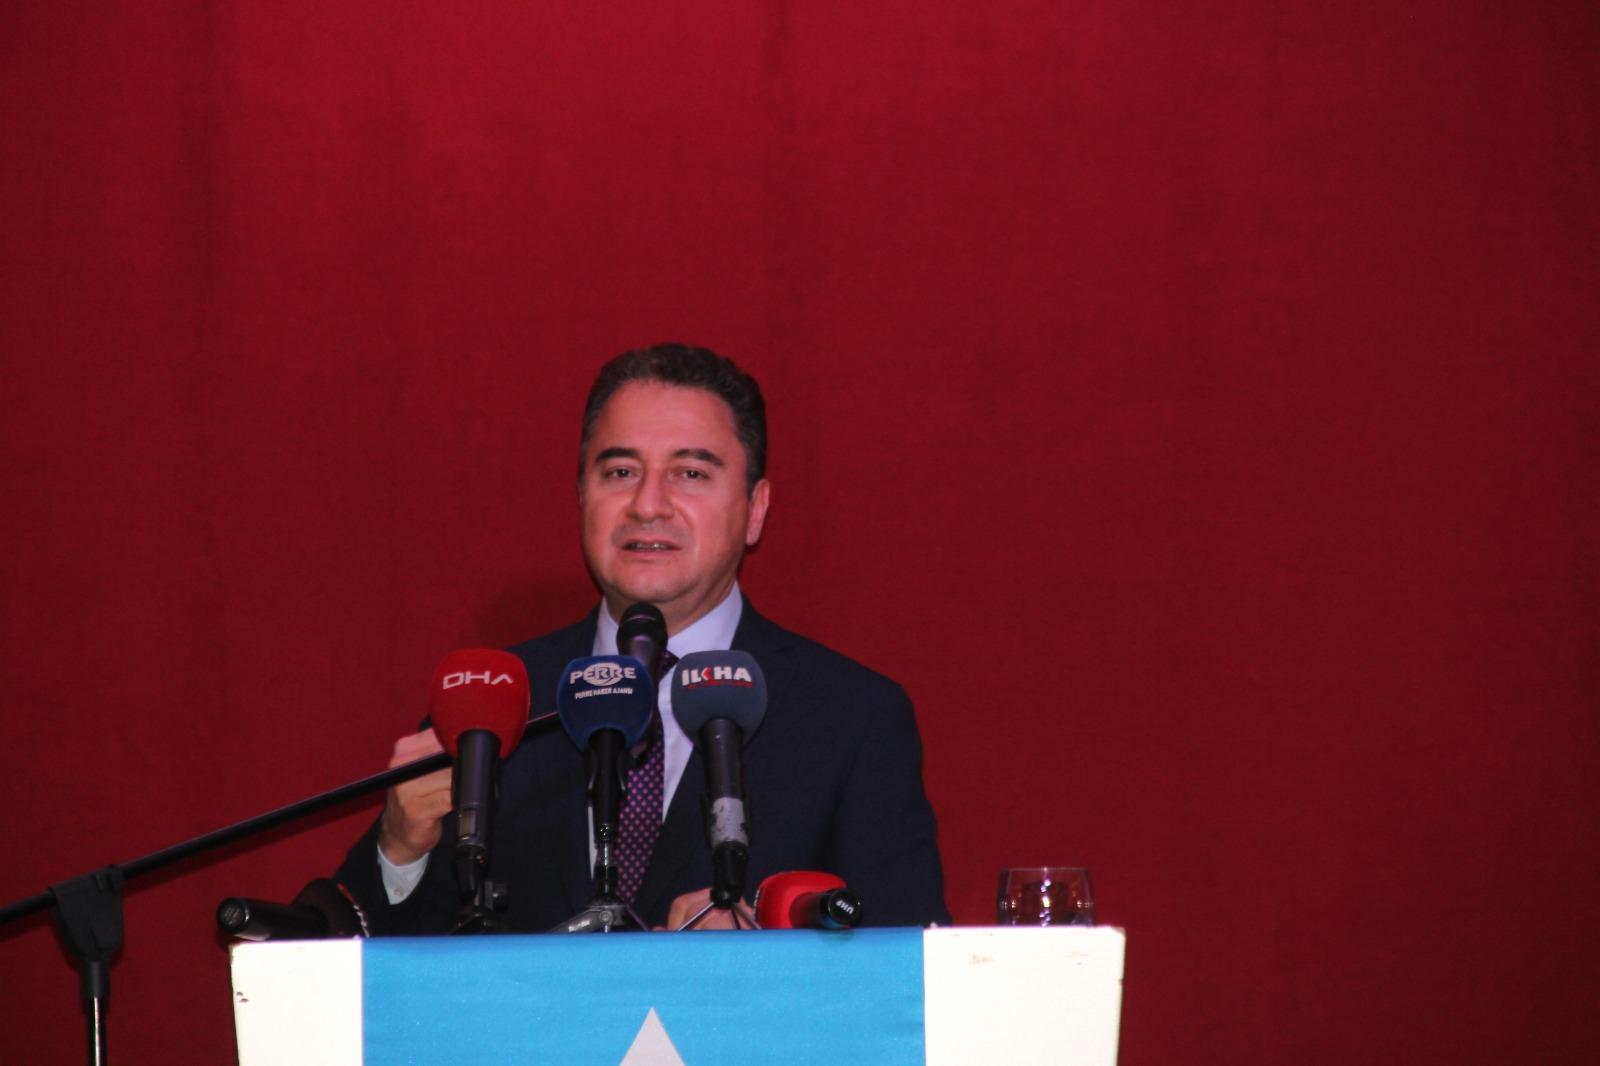 Deva Partisi Genel Başkanı Ali Babacan Adıyaman'da